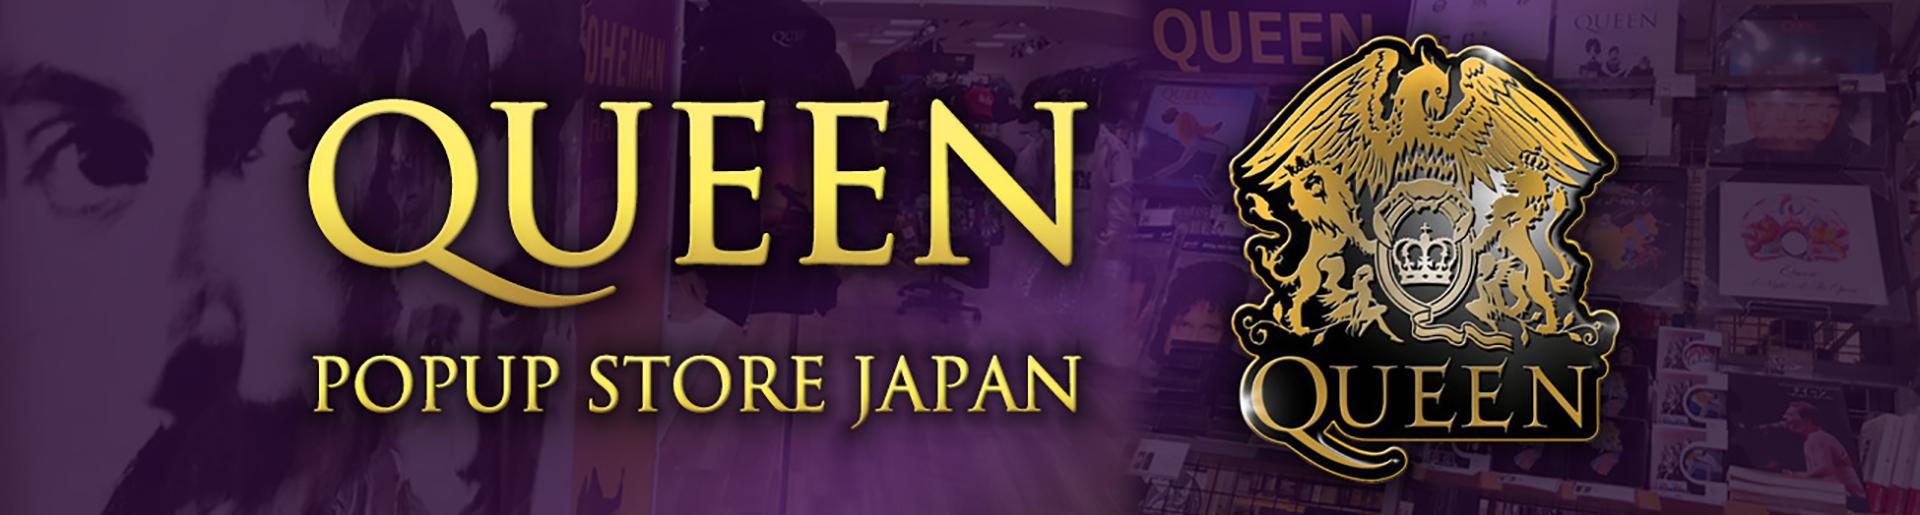 QUEEN POP UP STORE JAPAN